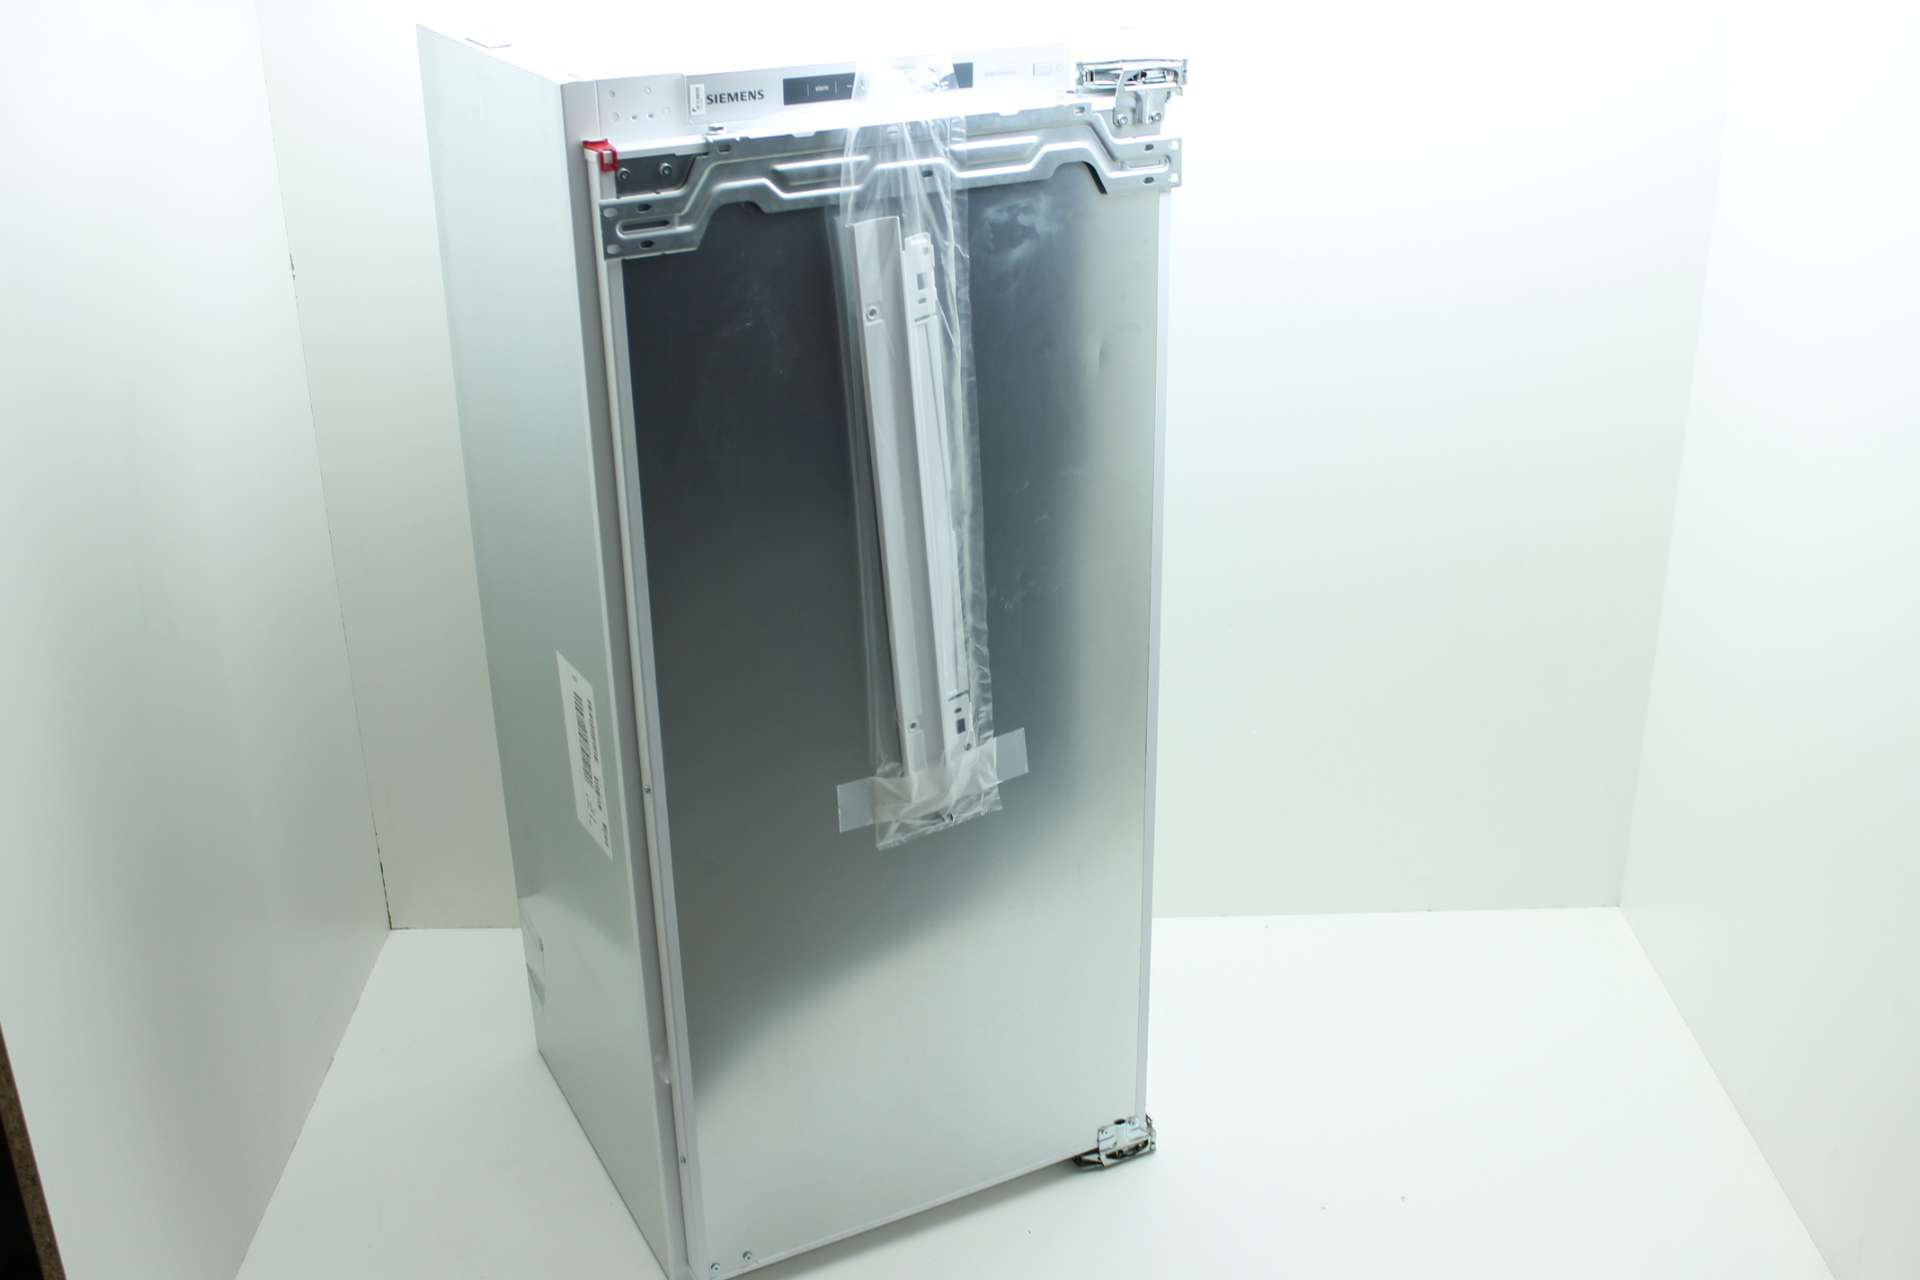 Siemens Kühlschrank Mit Wasserspender : Siemens kühlschrank einbau kühlautomat ki laf neu unbenutzt